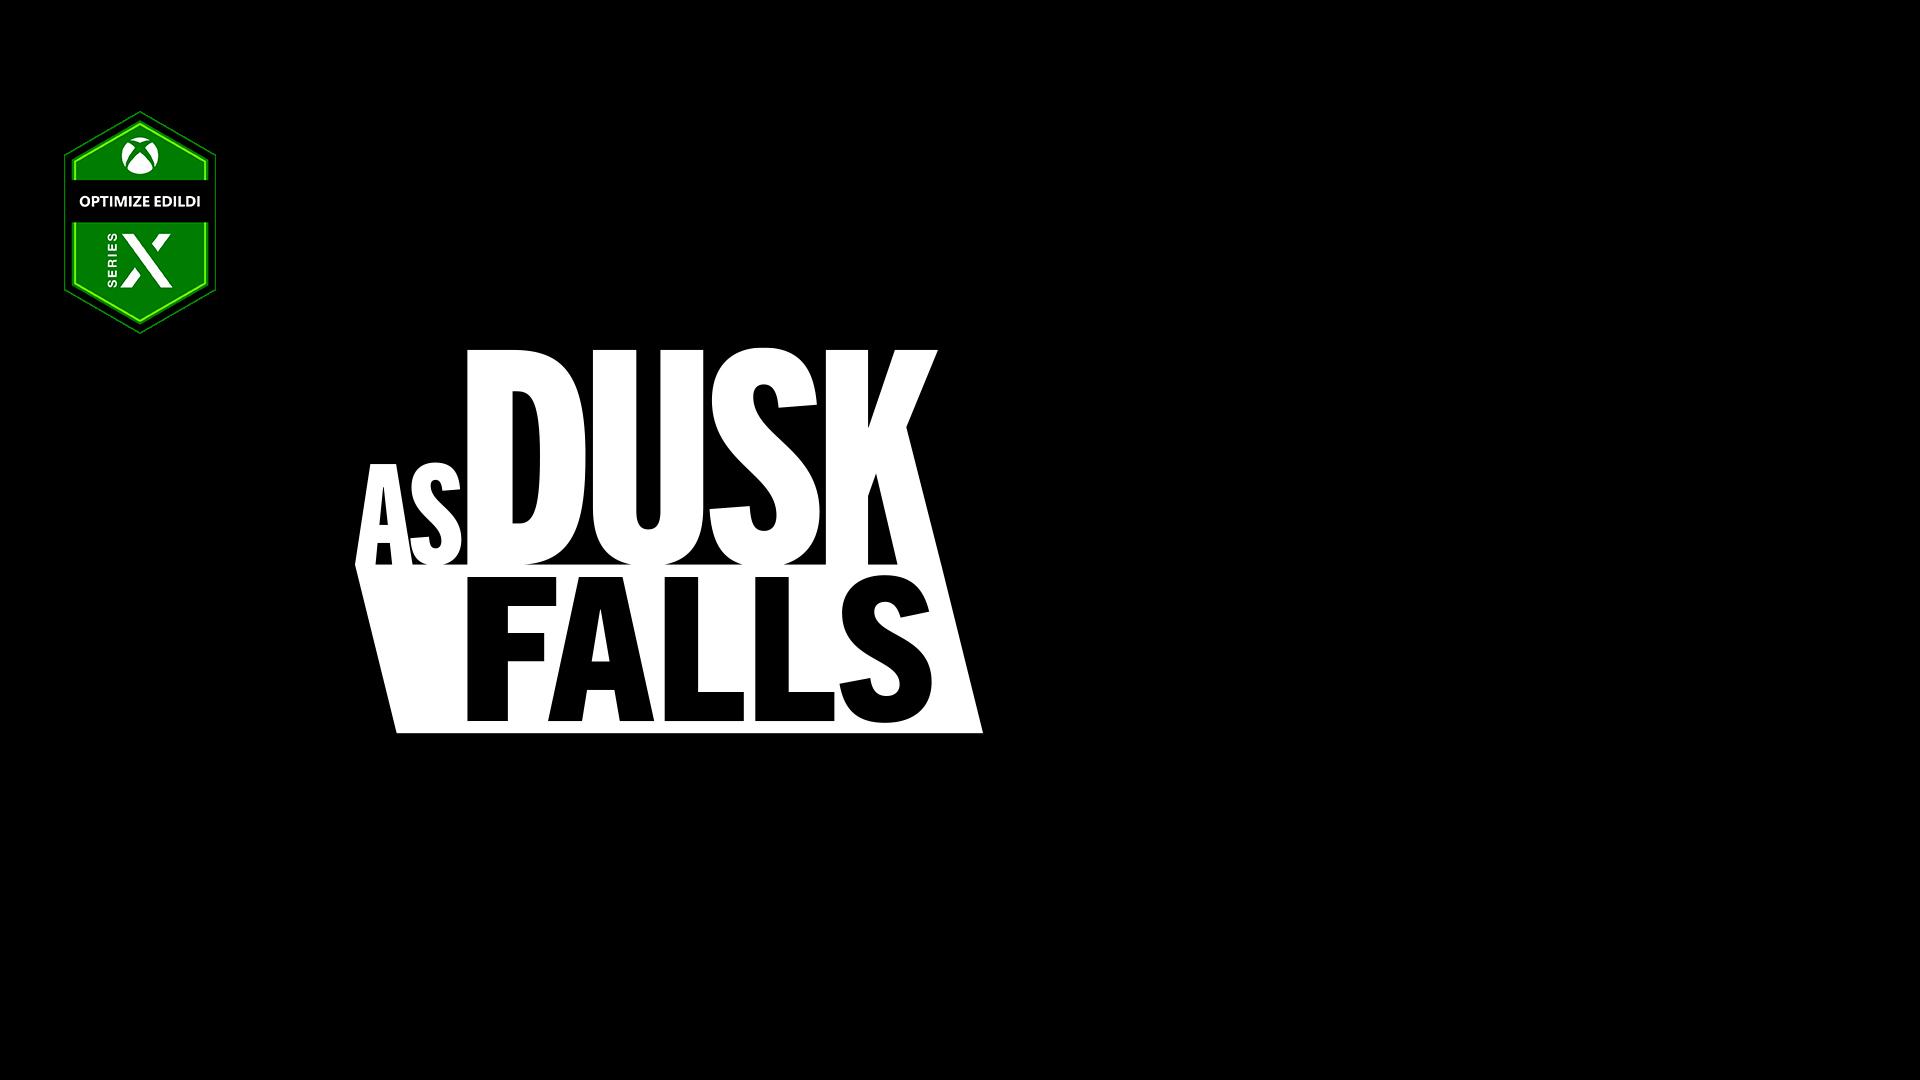 Series X için Optimize Edildi logosu, As Dusk Falls